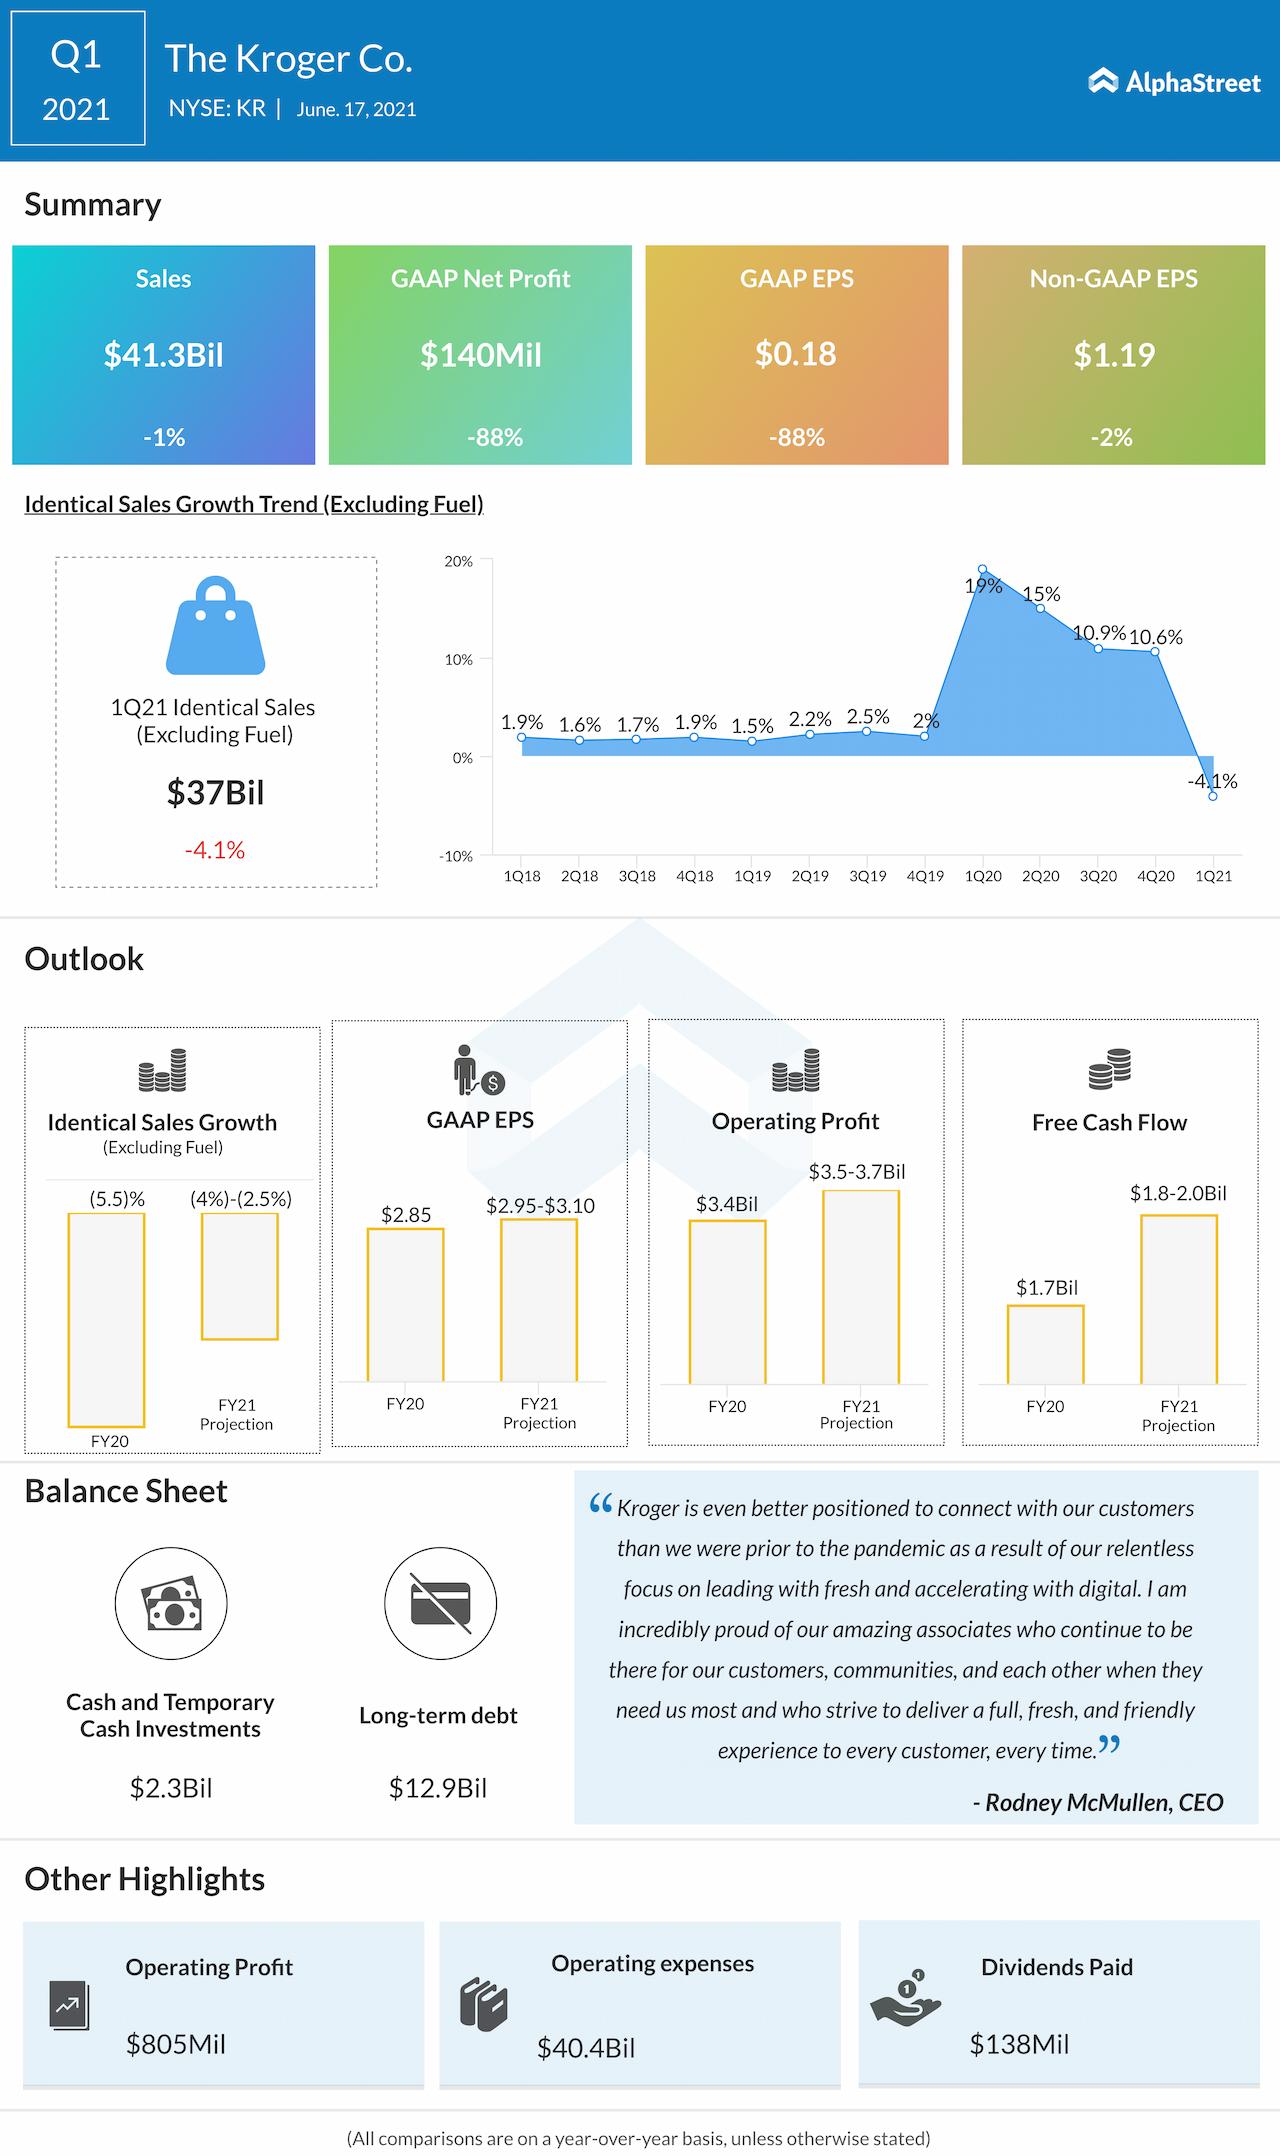 Kroger Co. Q1 2021 earnings infographic